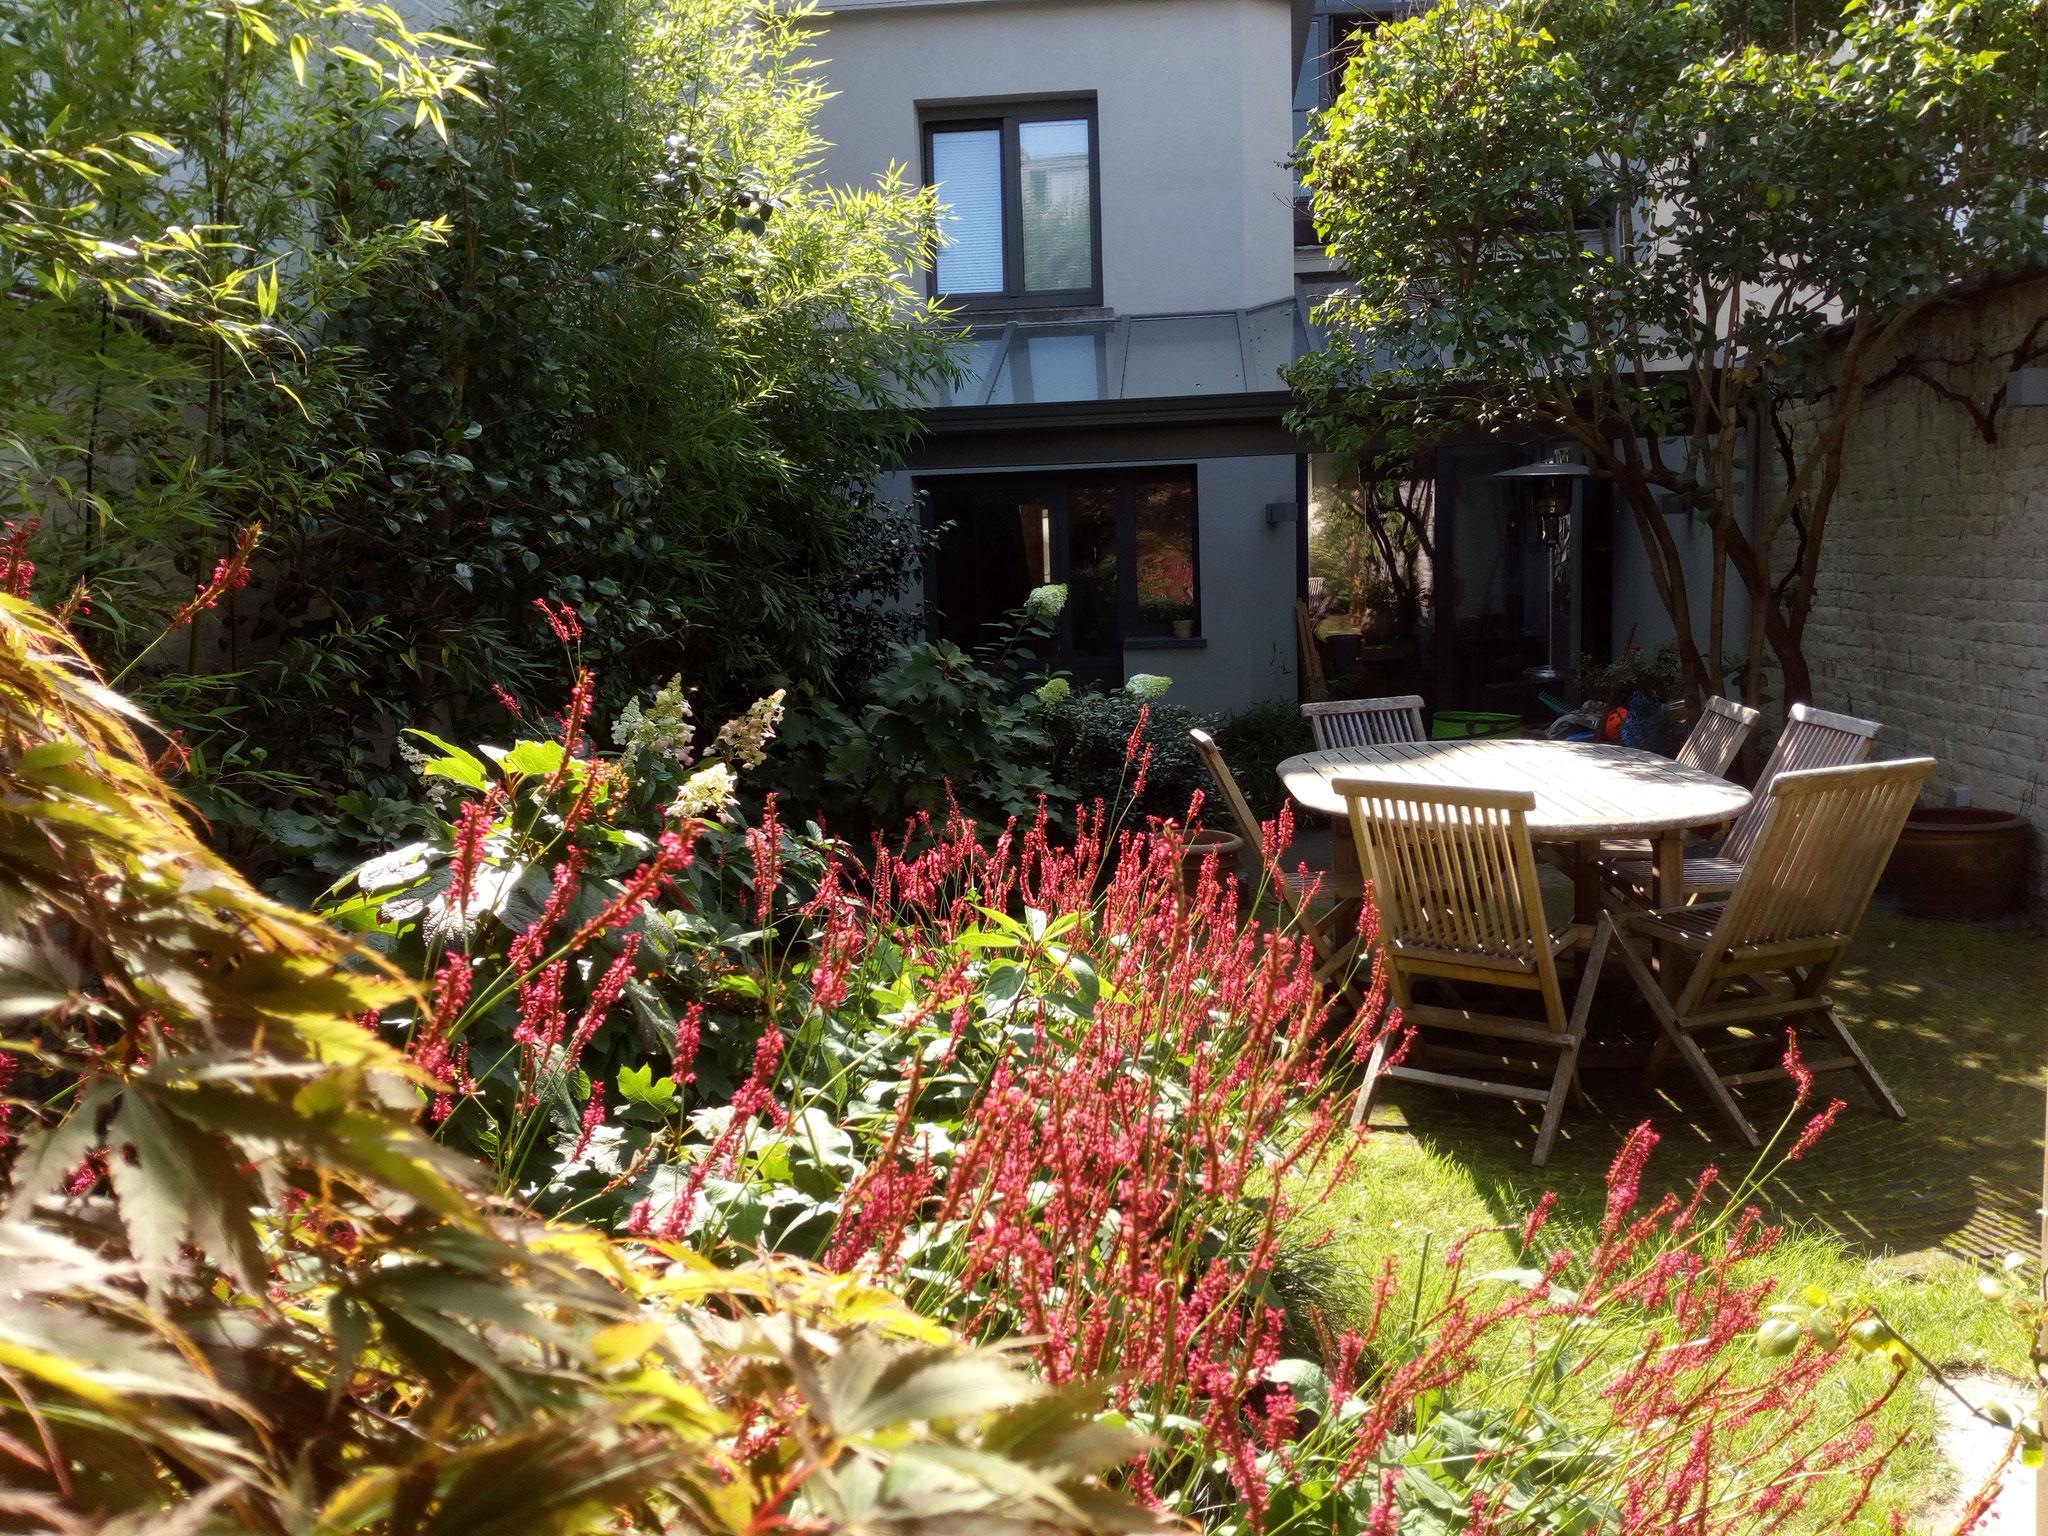 Jardin de ville 120m2 - Jardin de chambres - La terrasse d'été/ Eté 2017. Amenagement jardin Bruxelles